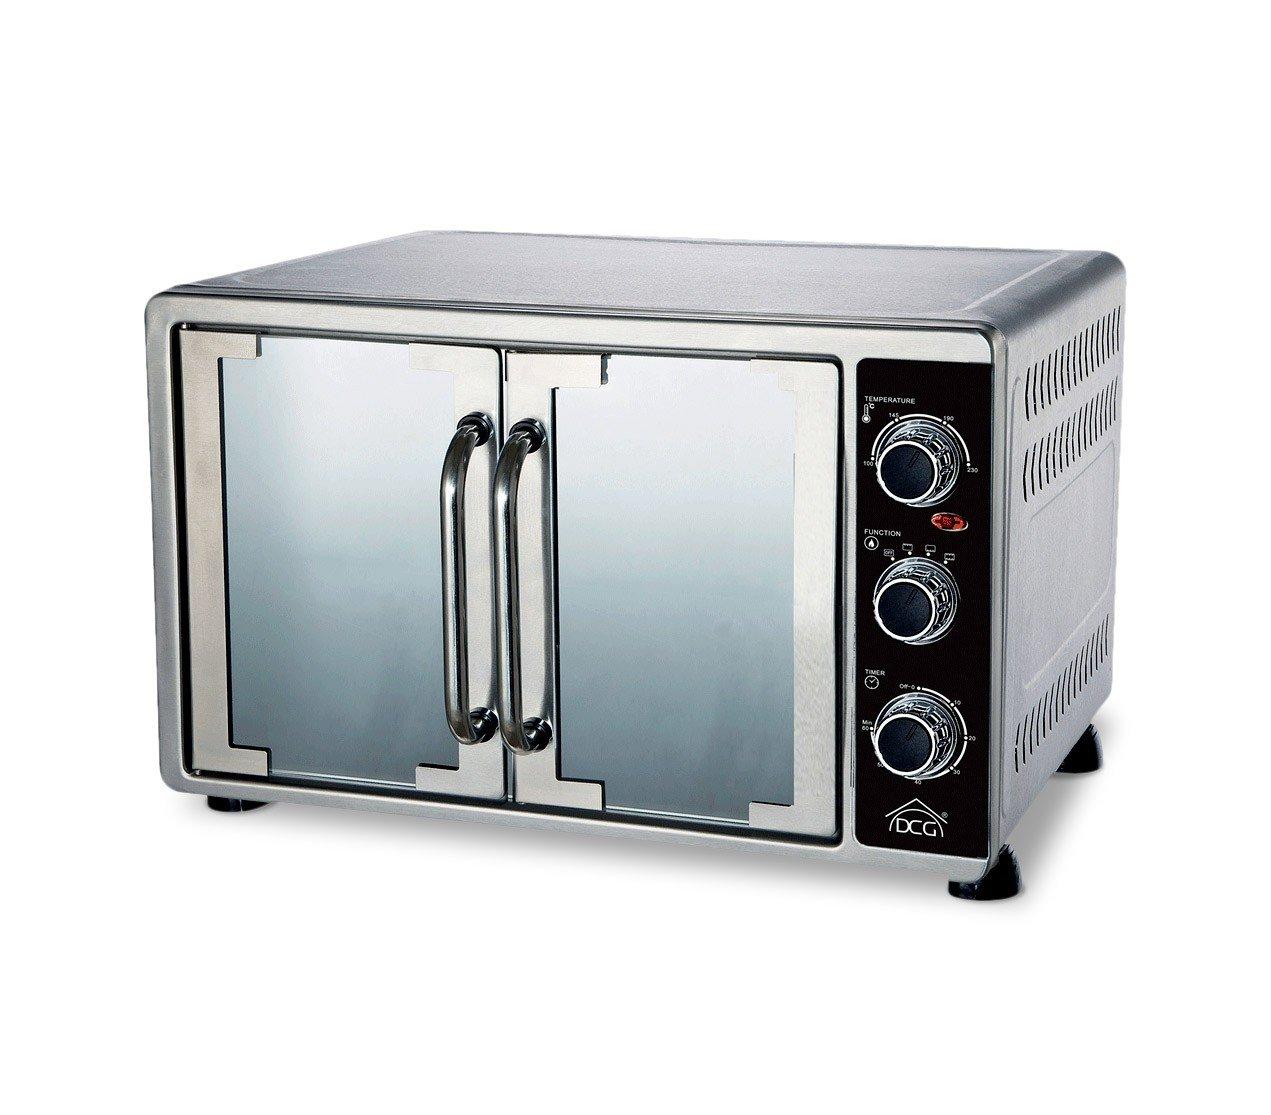 Forno elettrico doppia porta MBS58 DCG 2200 W ventilato 58LT timer luce acciaio. MEDIA WAVE store ®